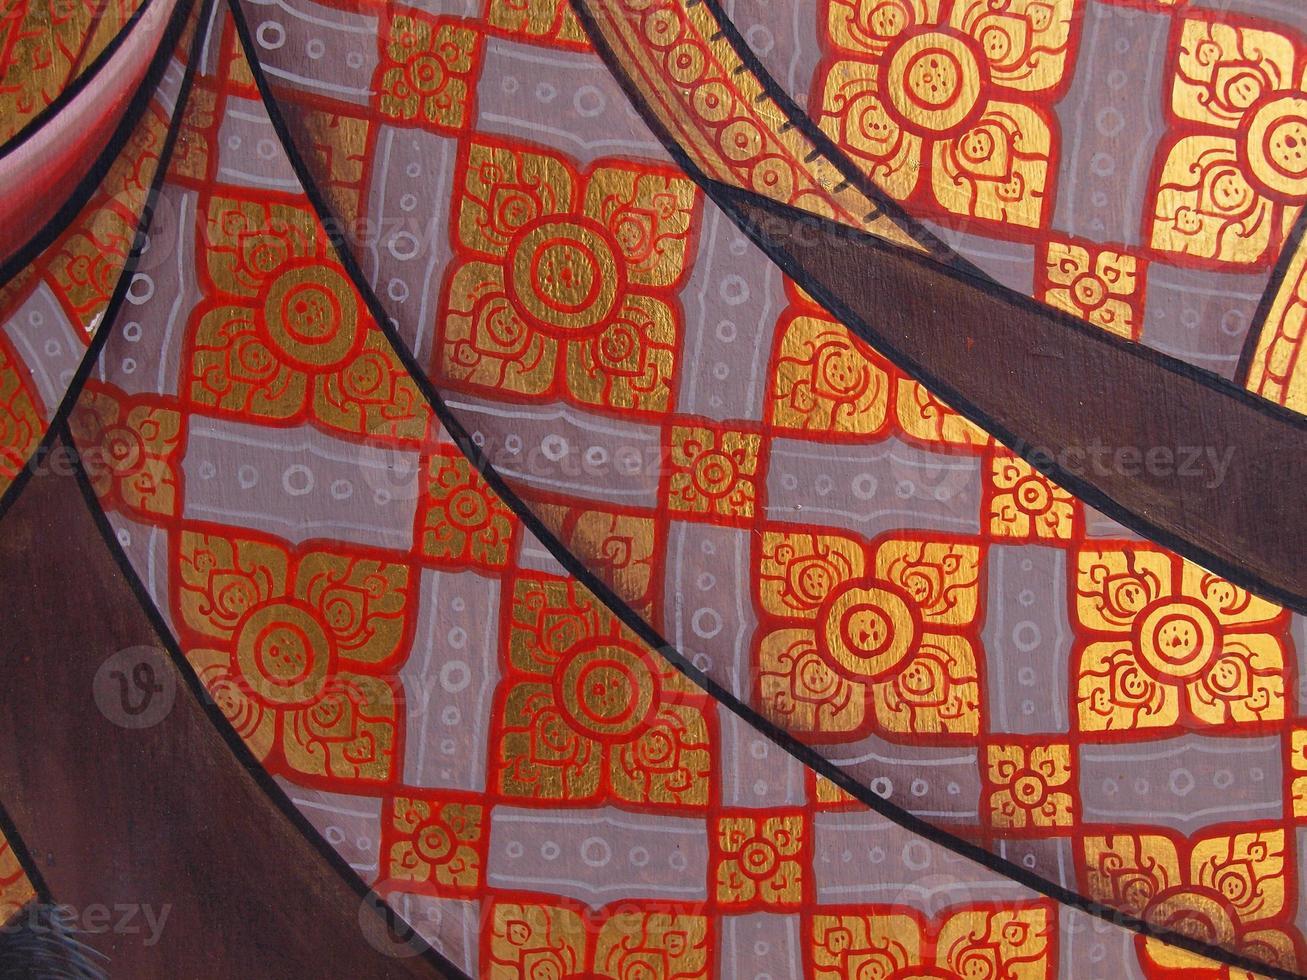 pintura del arte de la pared en el templo de Tailandia foto